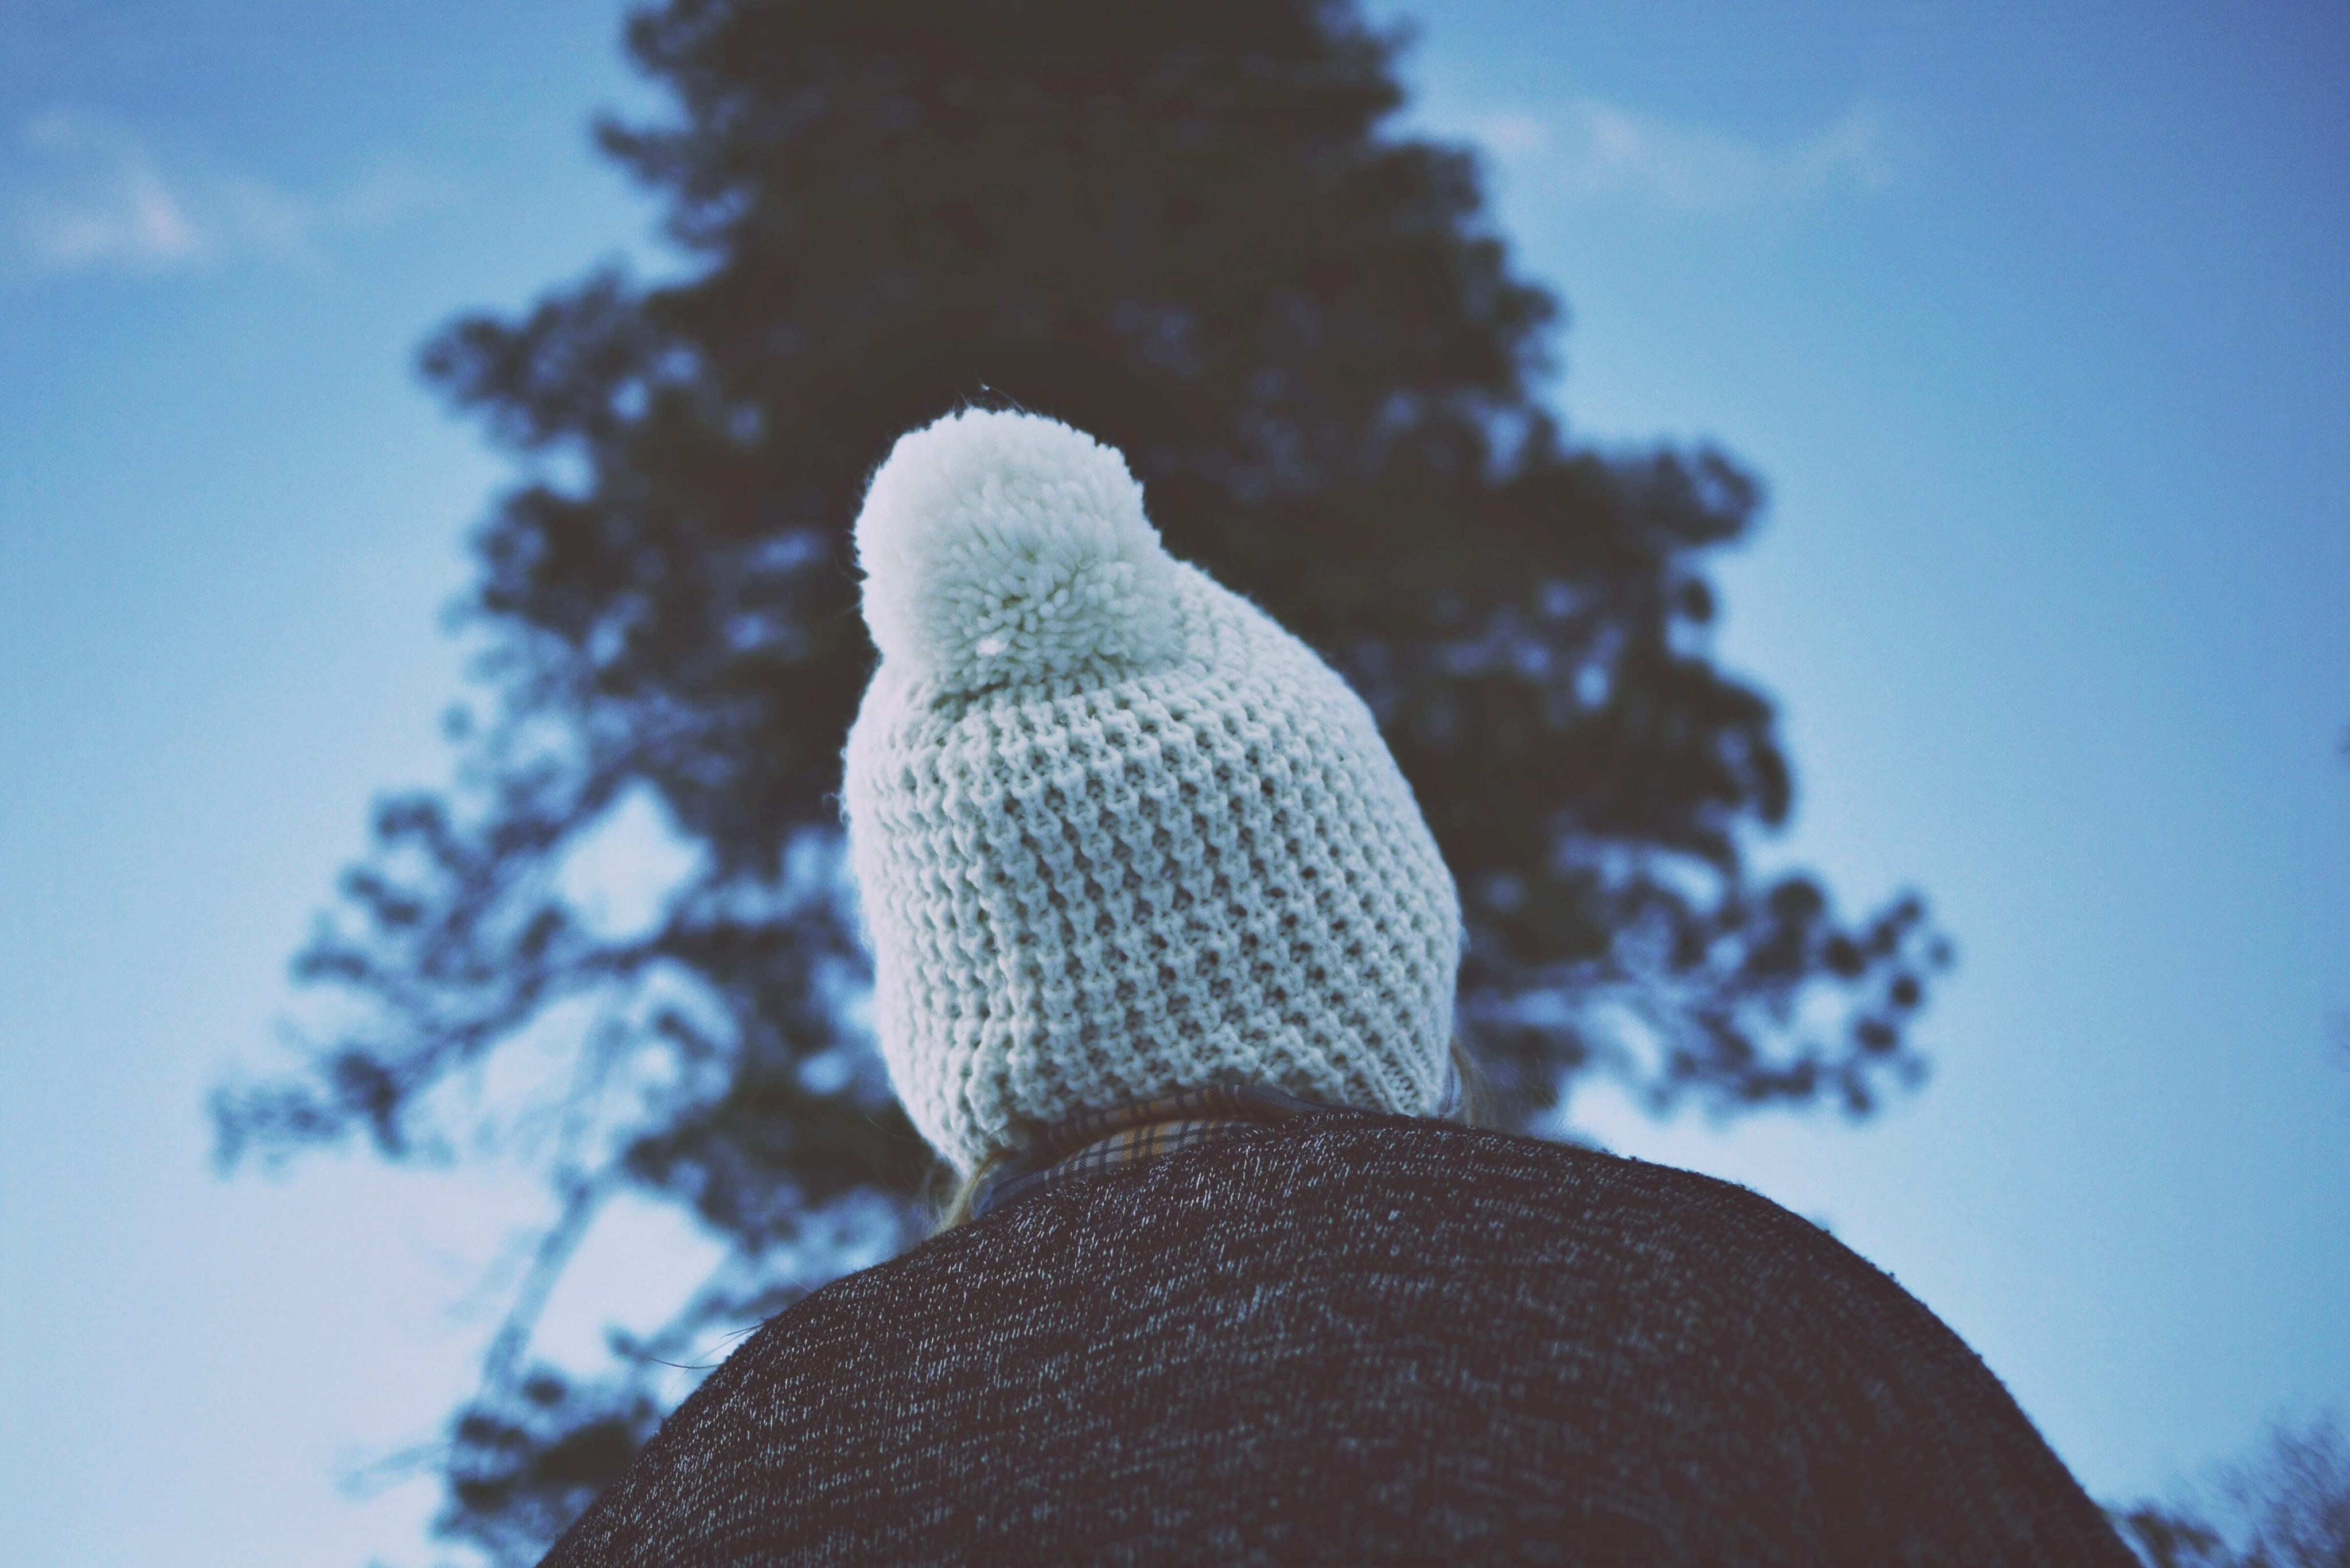 Fotos gratis : árbol, nieve, invierno, nube, cielo, luz de sol ...